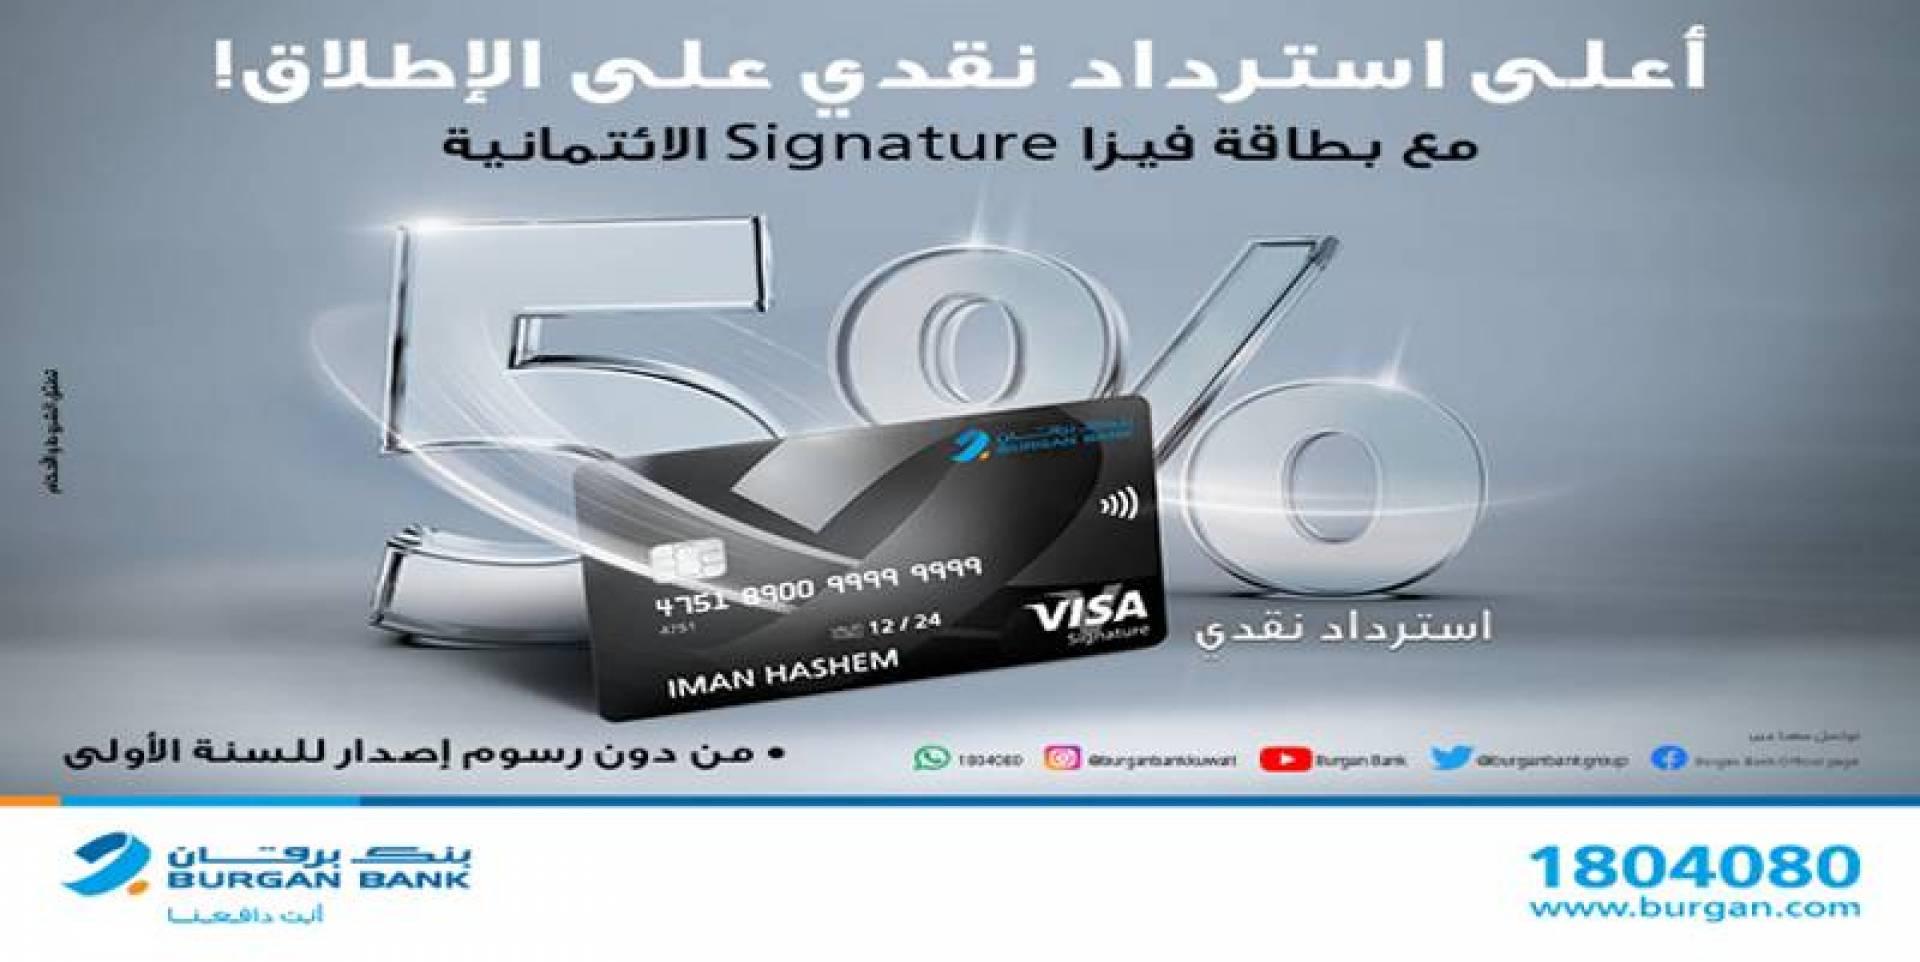 ملصق الخدمة عند استخدام فيزا Signature